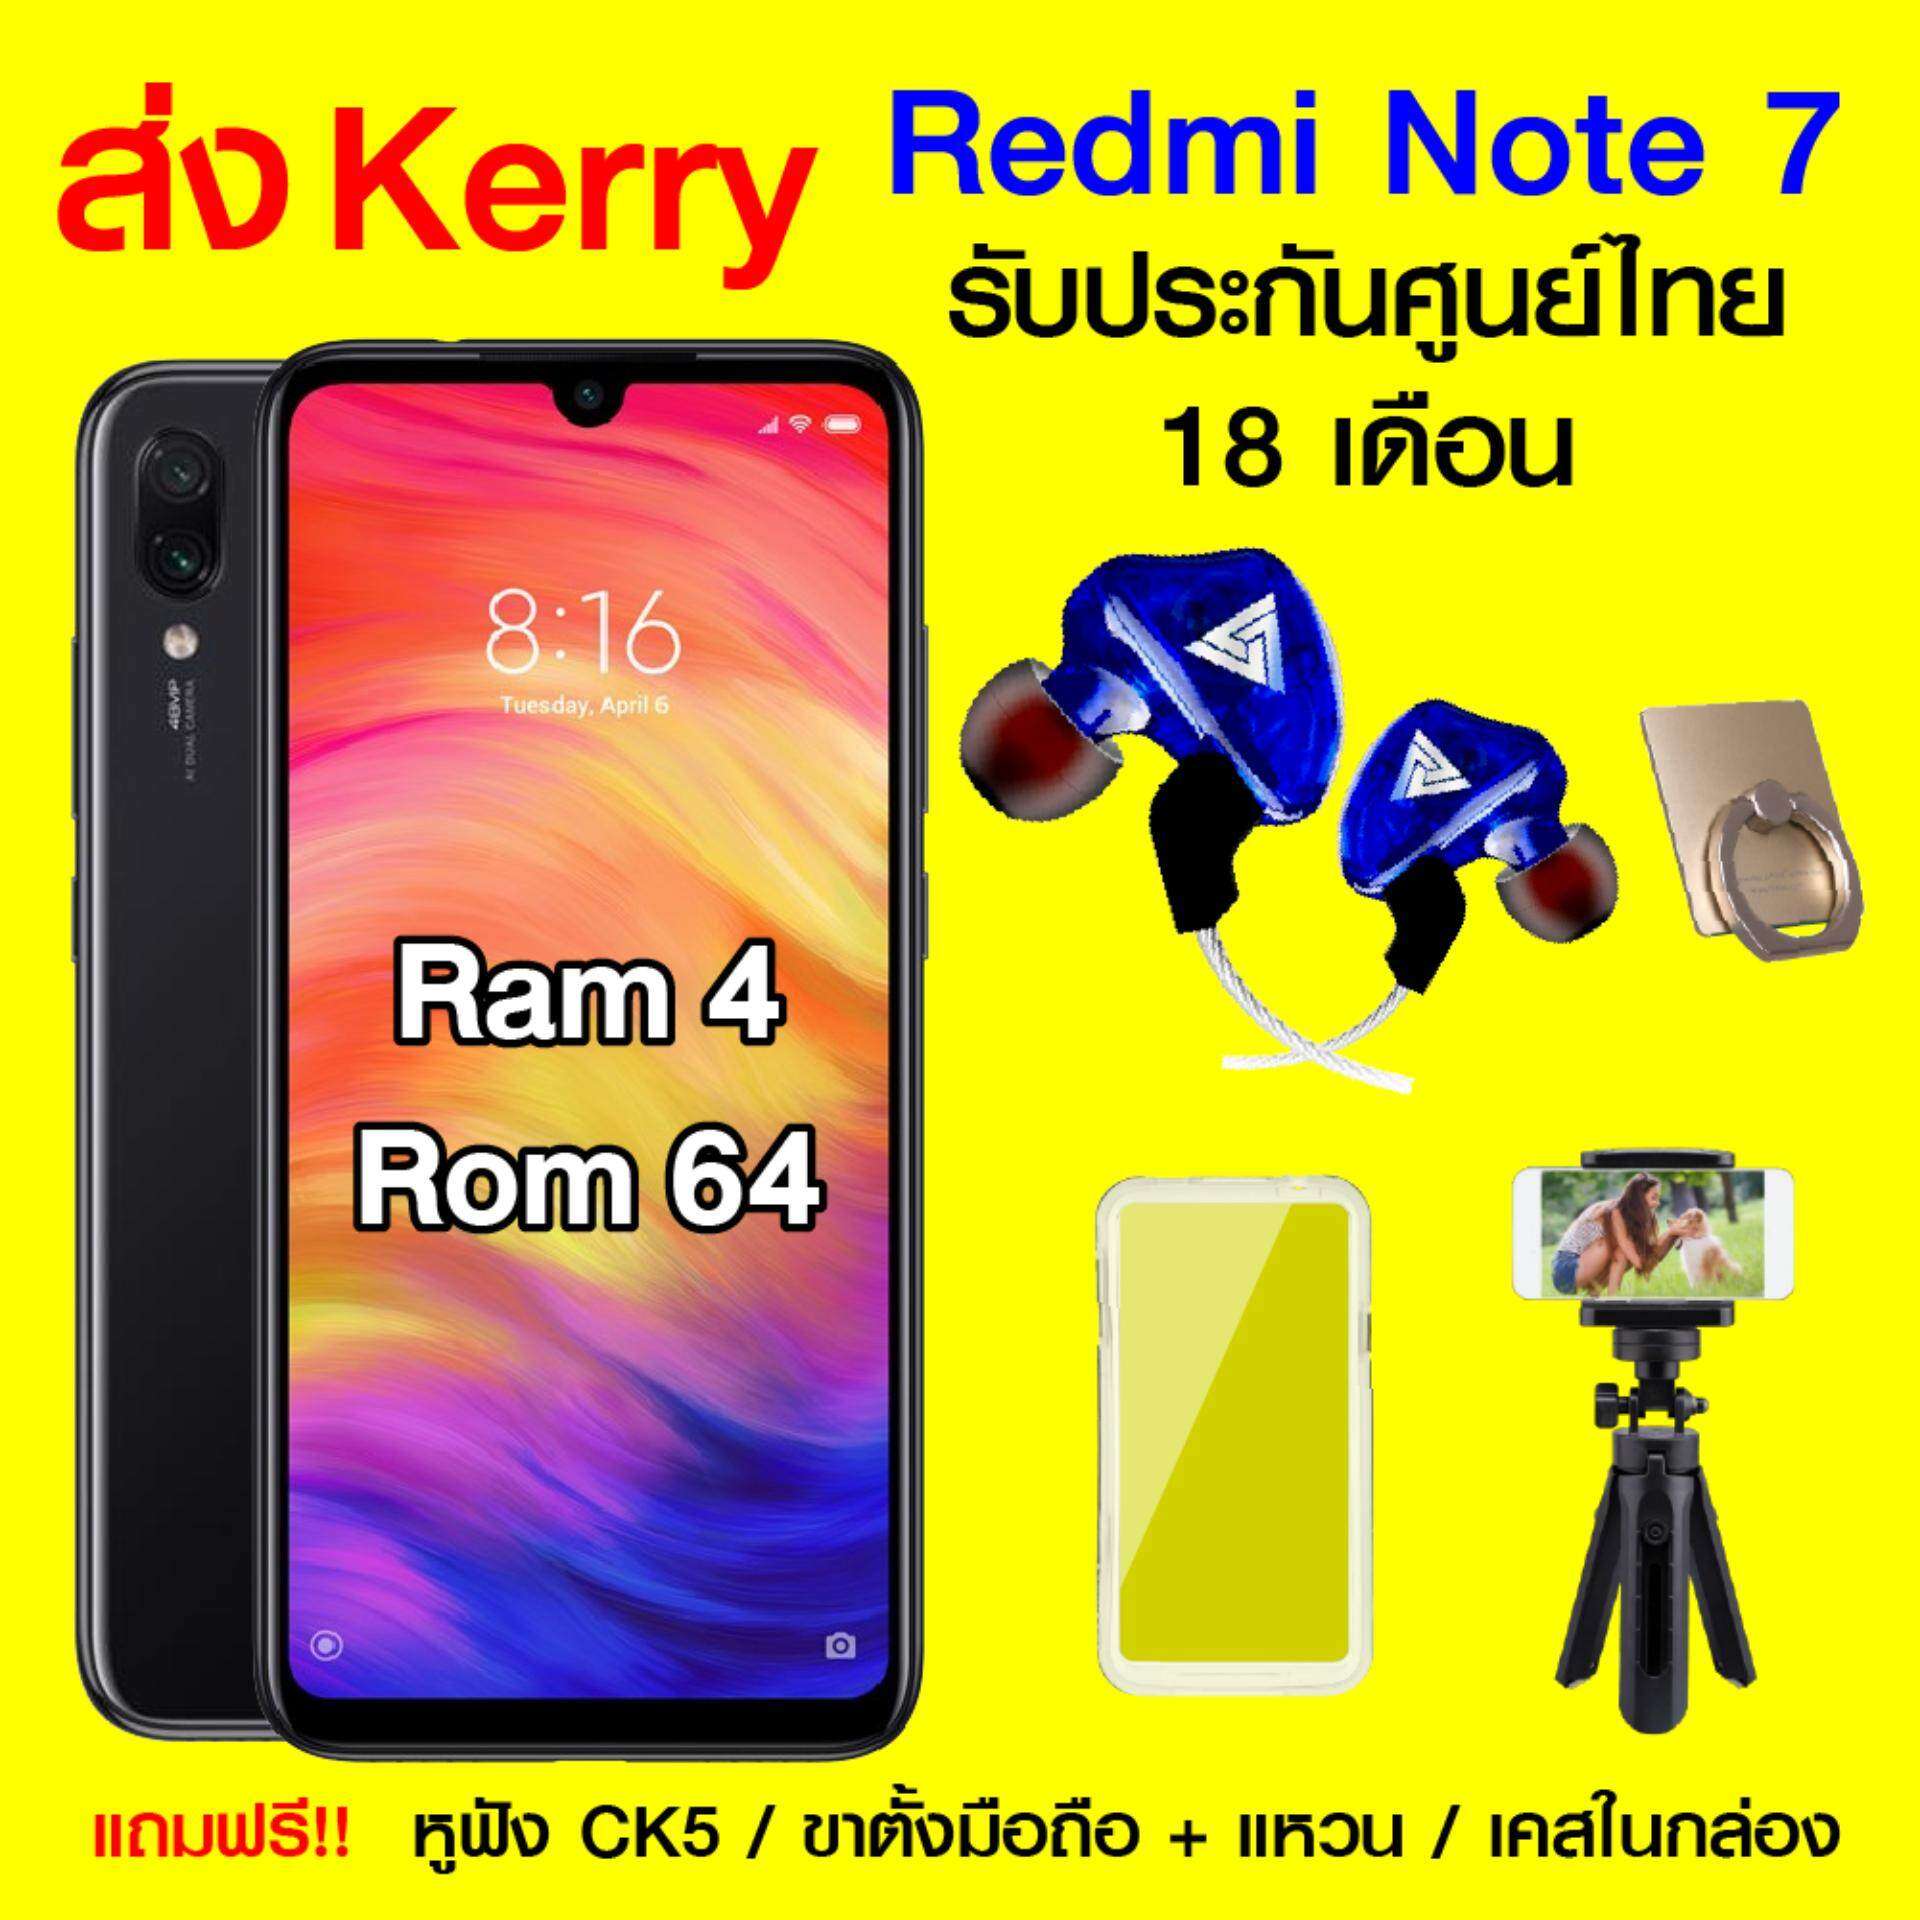 ยี่ห้อนี้ดีไหม  อุดรธานี 【ของแถมชุดใหญ่】【ส่งฟรี!!】【ประกันศูนย์ไทย 18 เดือน】Xiaomi Redmi Note 7 (4/64GB) แถมฟรี!! QKZ CK5 + ขาตั้งกล้อง Tripod + แหวนตั้งมือถือ + พร้อมเคสในกล่อง  / GodungIT